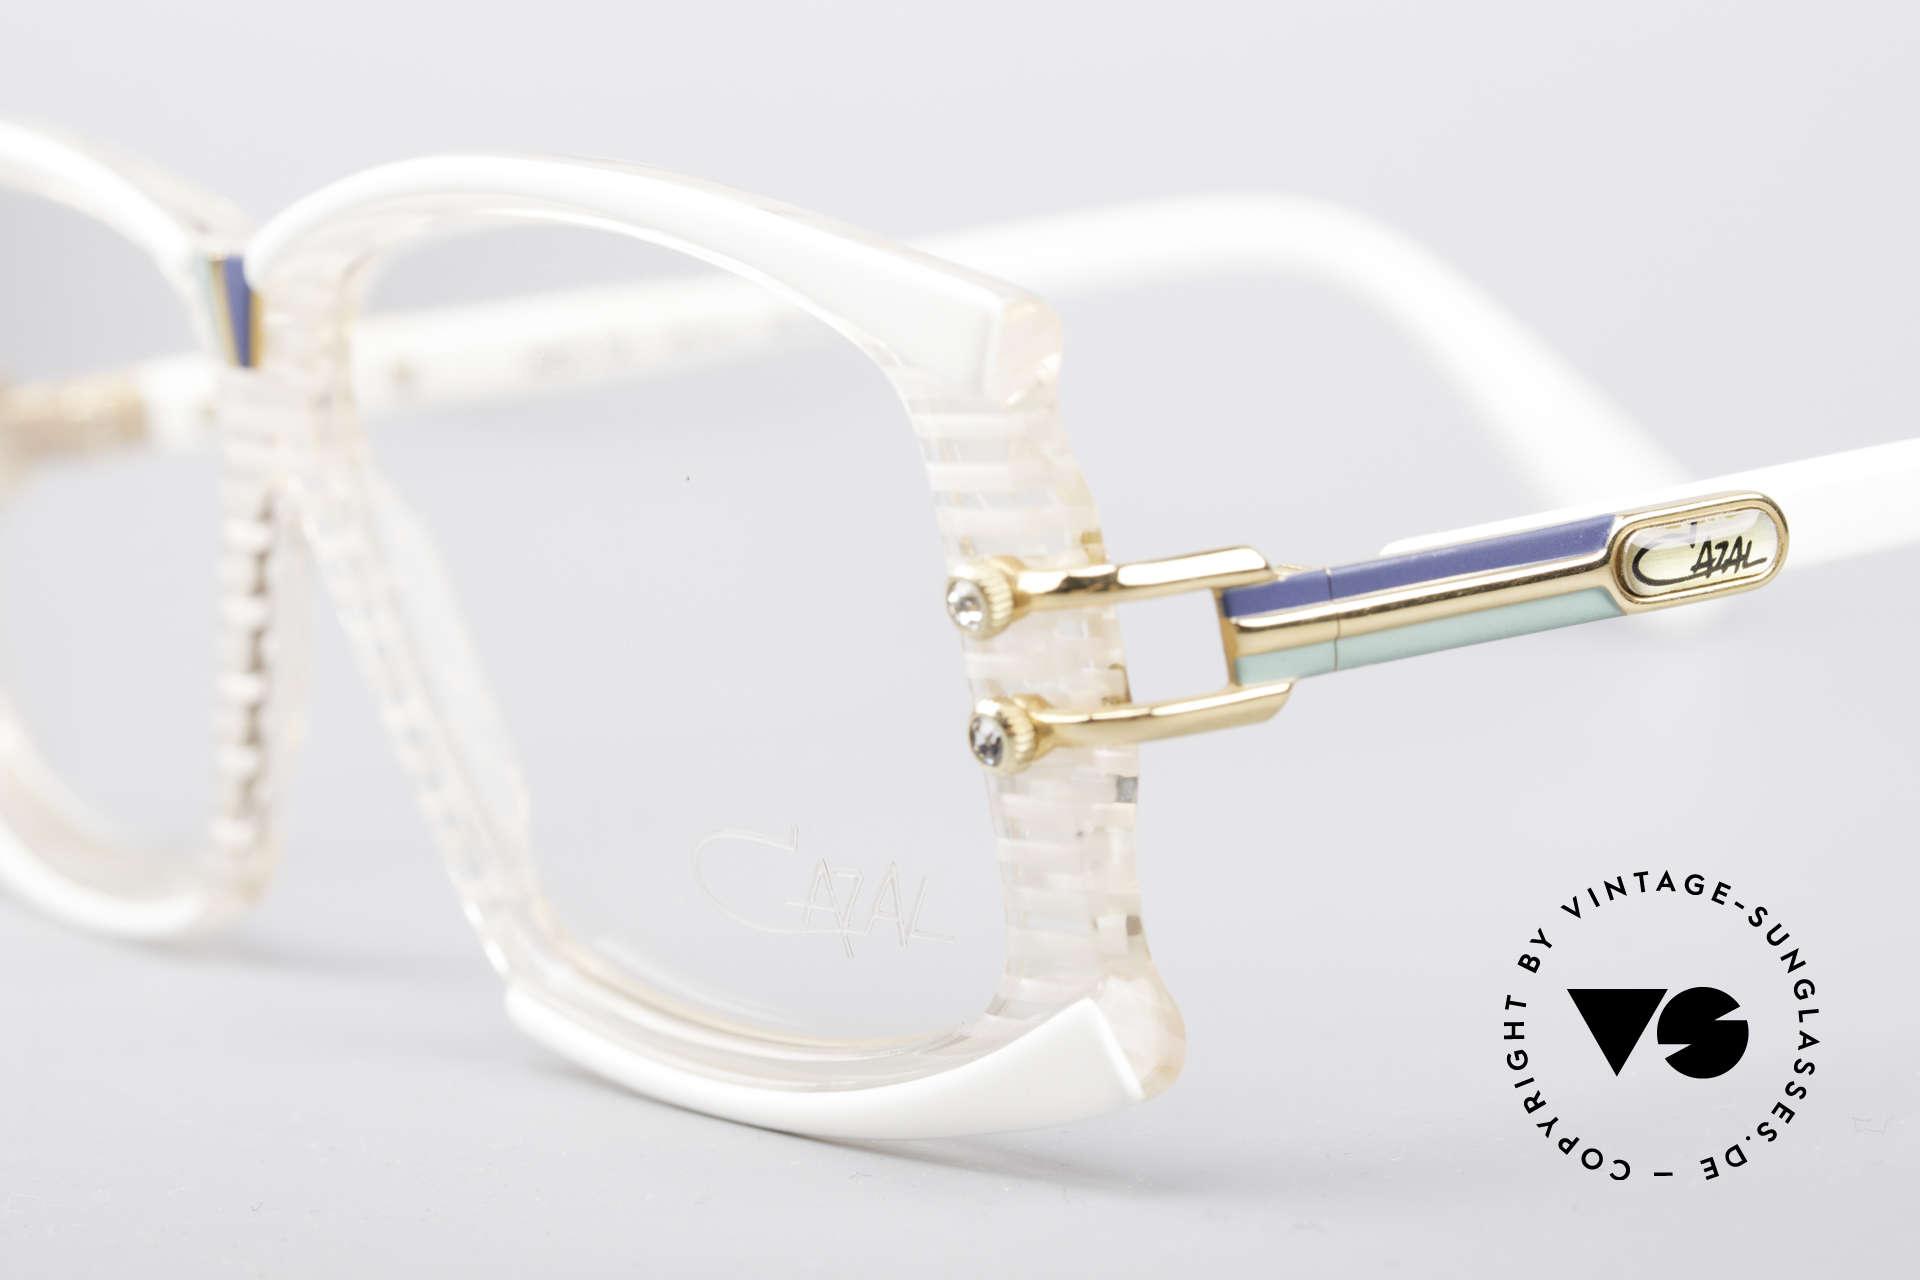 Cazal 195 80er Hip Hop Brille, zudem mit 4 Strass-Applikationen als Zierschrauben, Passend für Damen